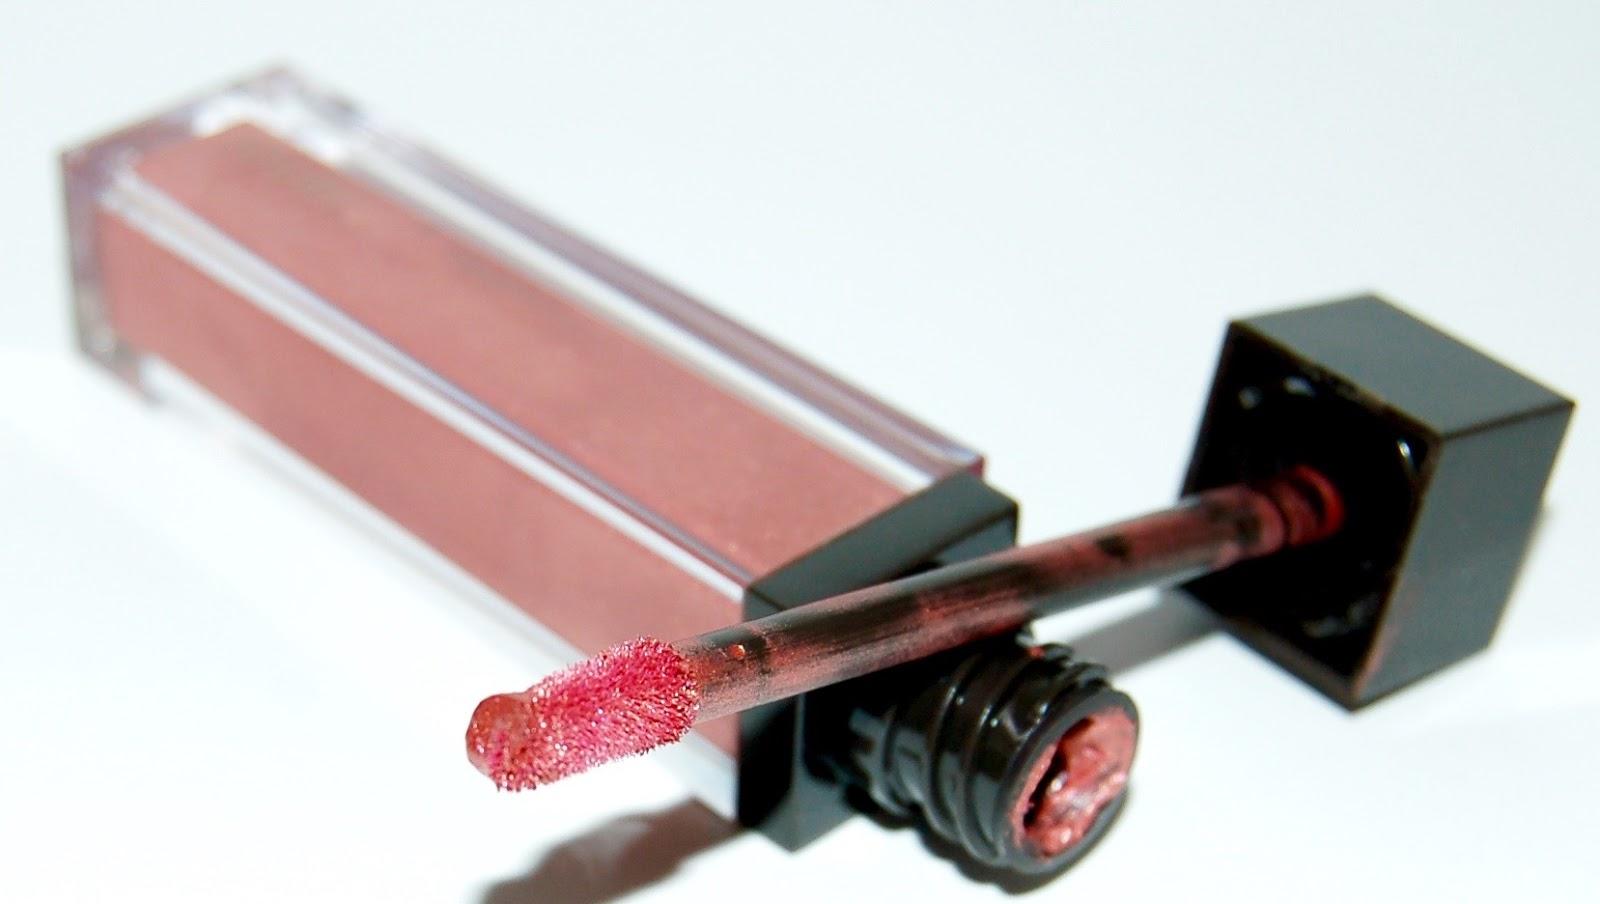 Jouer Liquid Lipsticks Praline